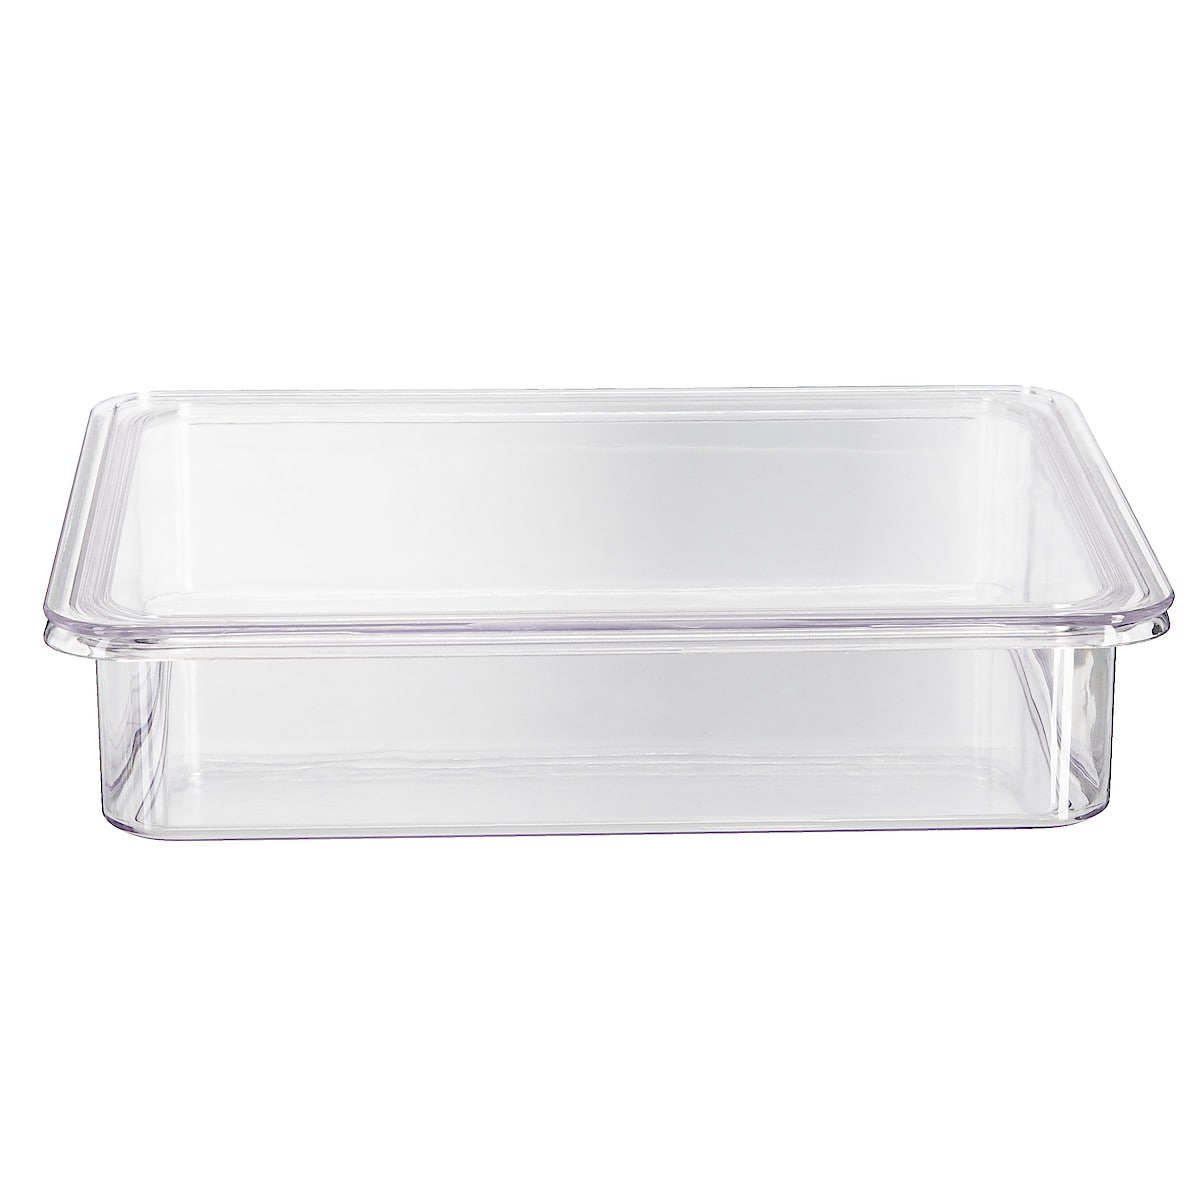 Coline kjøleskapsbokser med lokk.